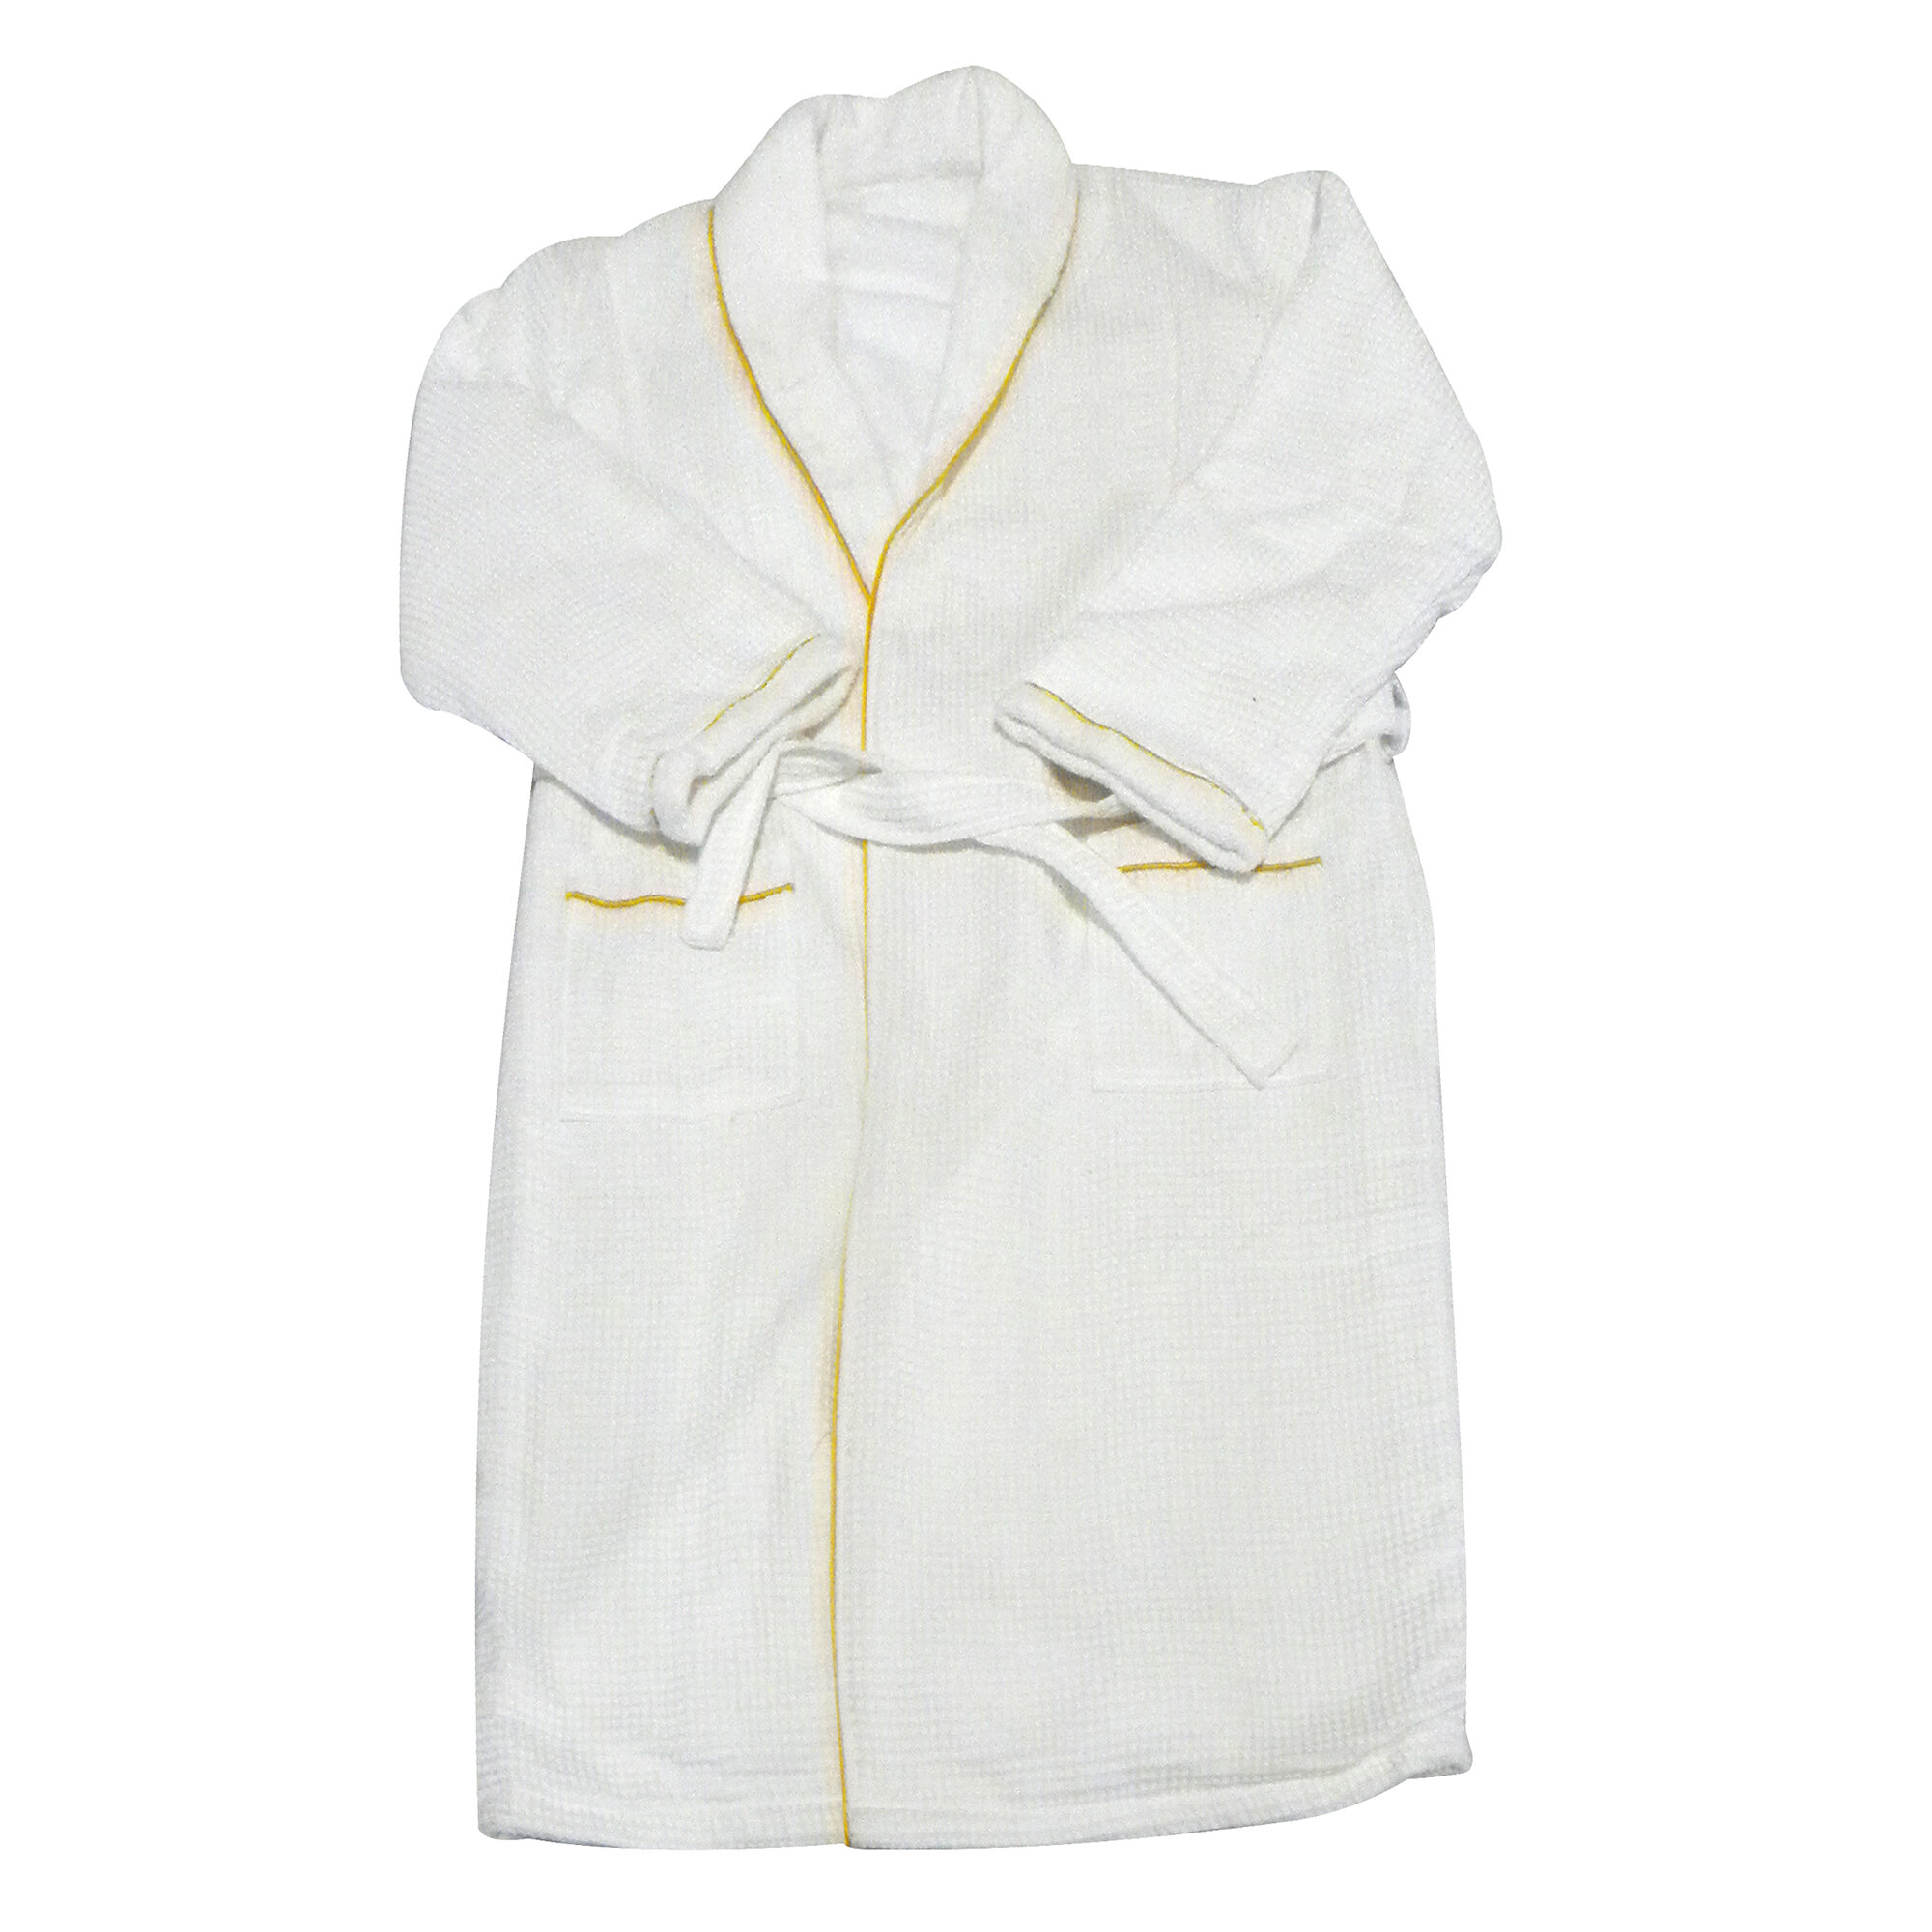 3899ae3aa5 Radiant Saunas Spa and Bath European Weave Cotton Blend Terry Cloth Bathrobe    Reviews